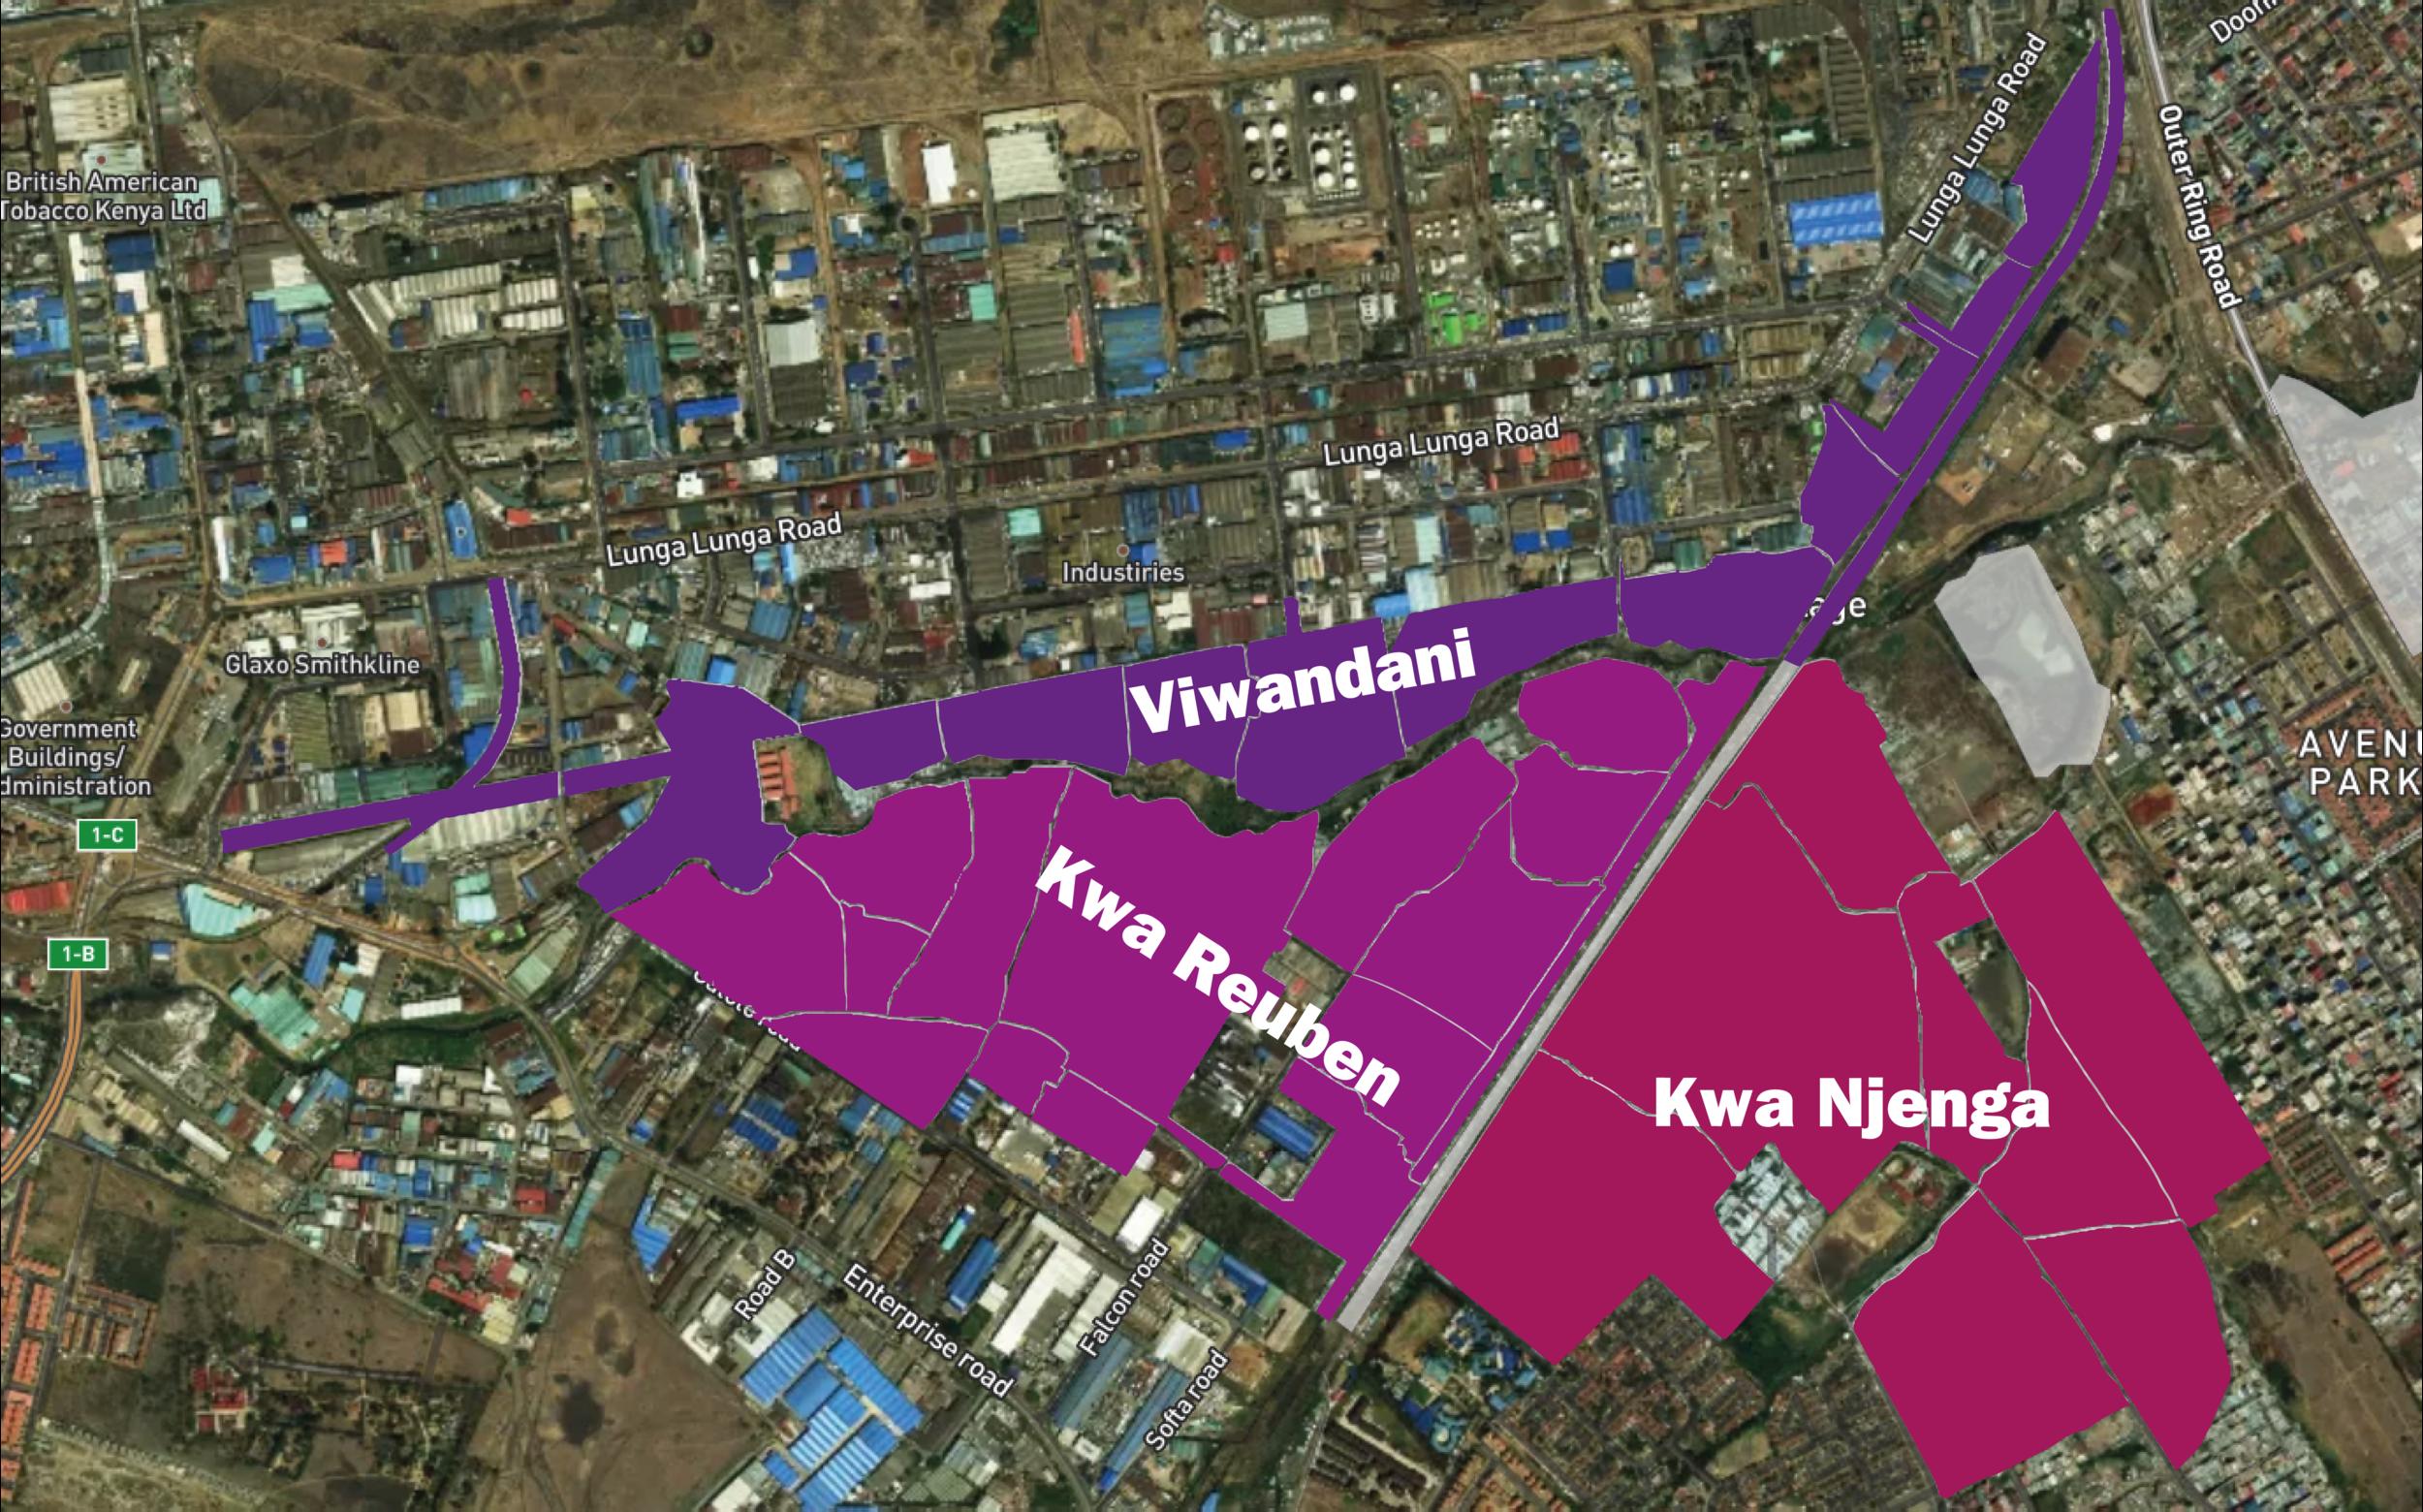 Mukuru SPA has been declared across the 3 informal areas of VIwandani, Mukuru Kwa Reuben & Mukuru Kwa Njenga